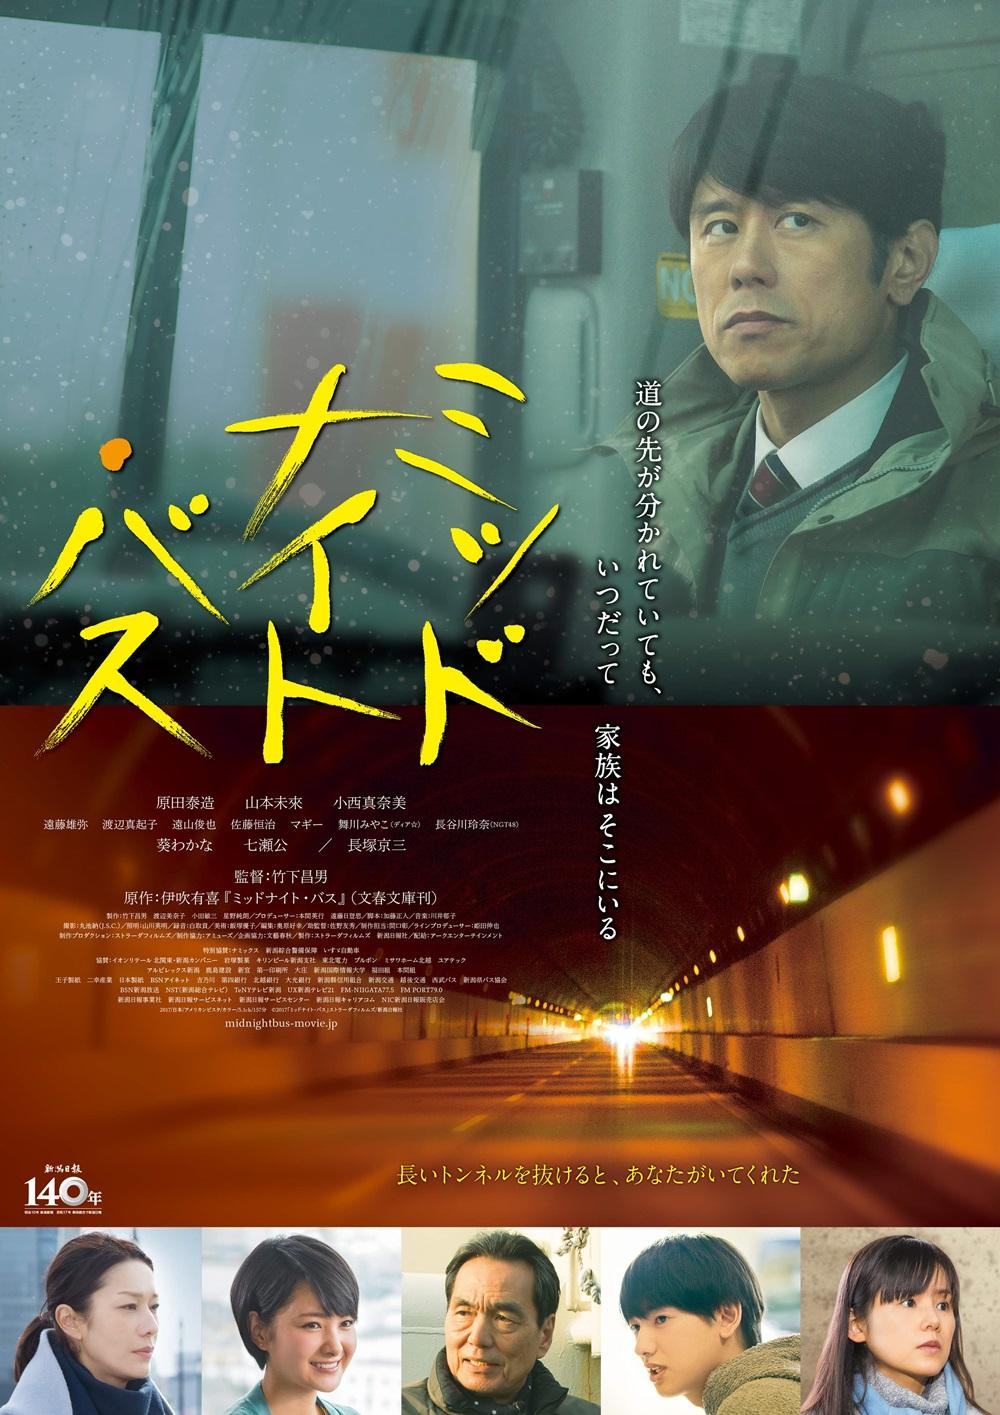 【画像】映画『ミッドナイトバス』ポスタービジュアル